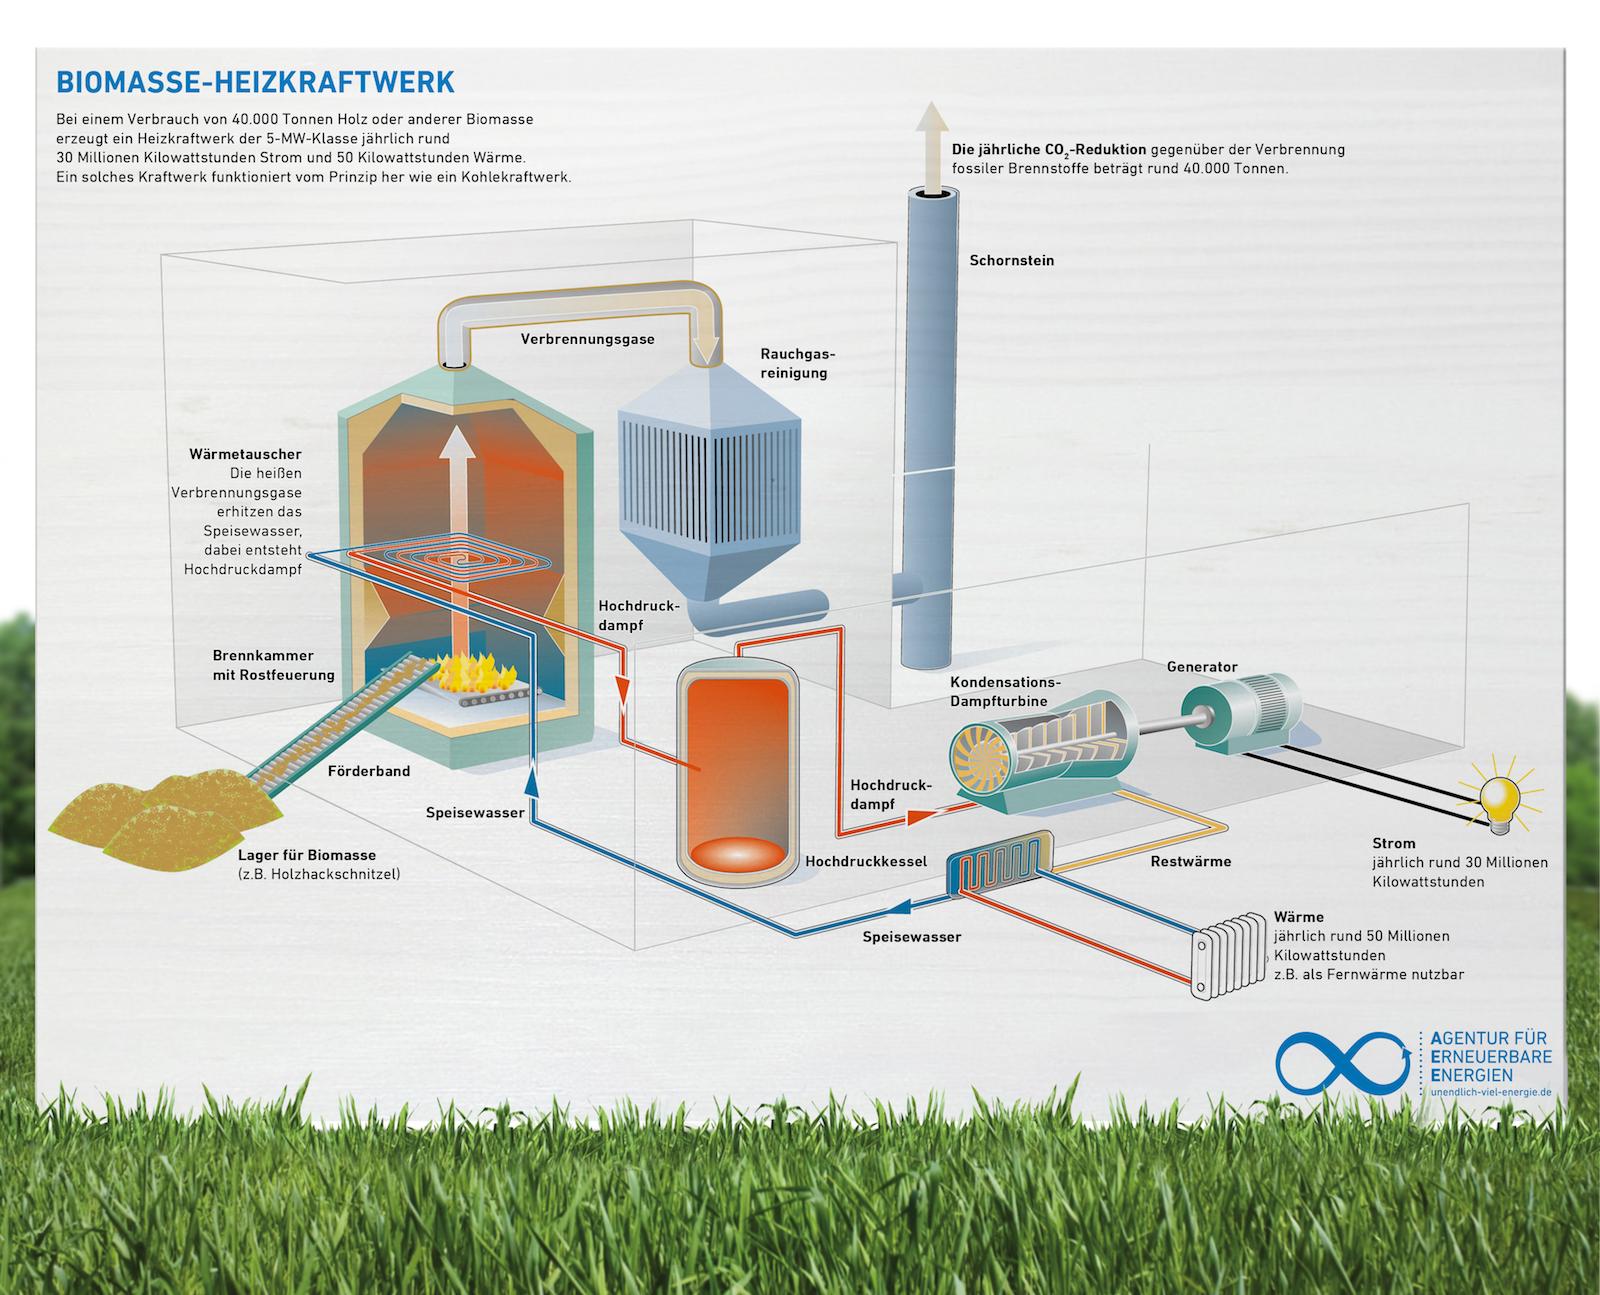 Геохимия окружающей среды 0